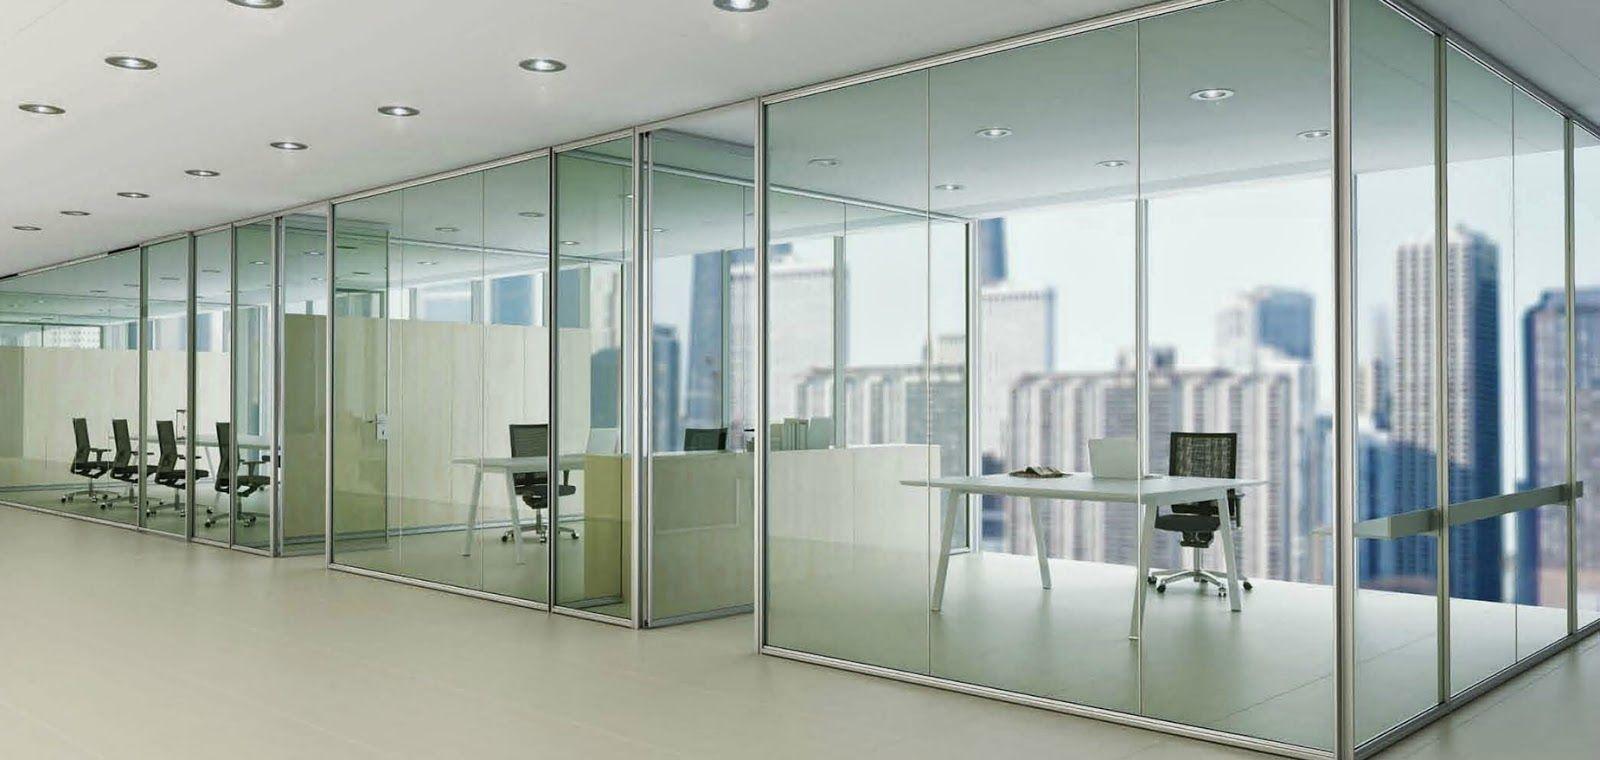 Oficinas modernas dise o y funcionalidad platinum express for Diseno de oficinas minimalistas